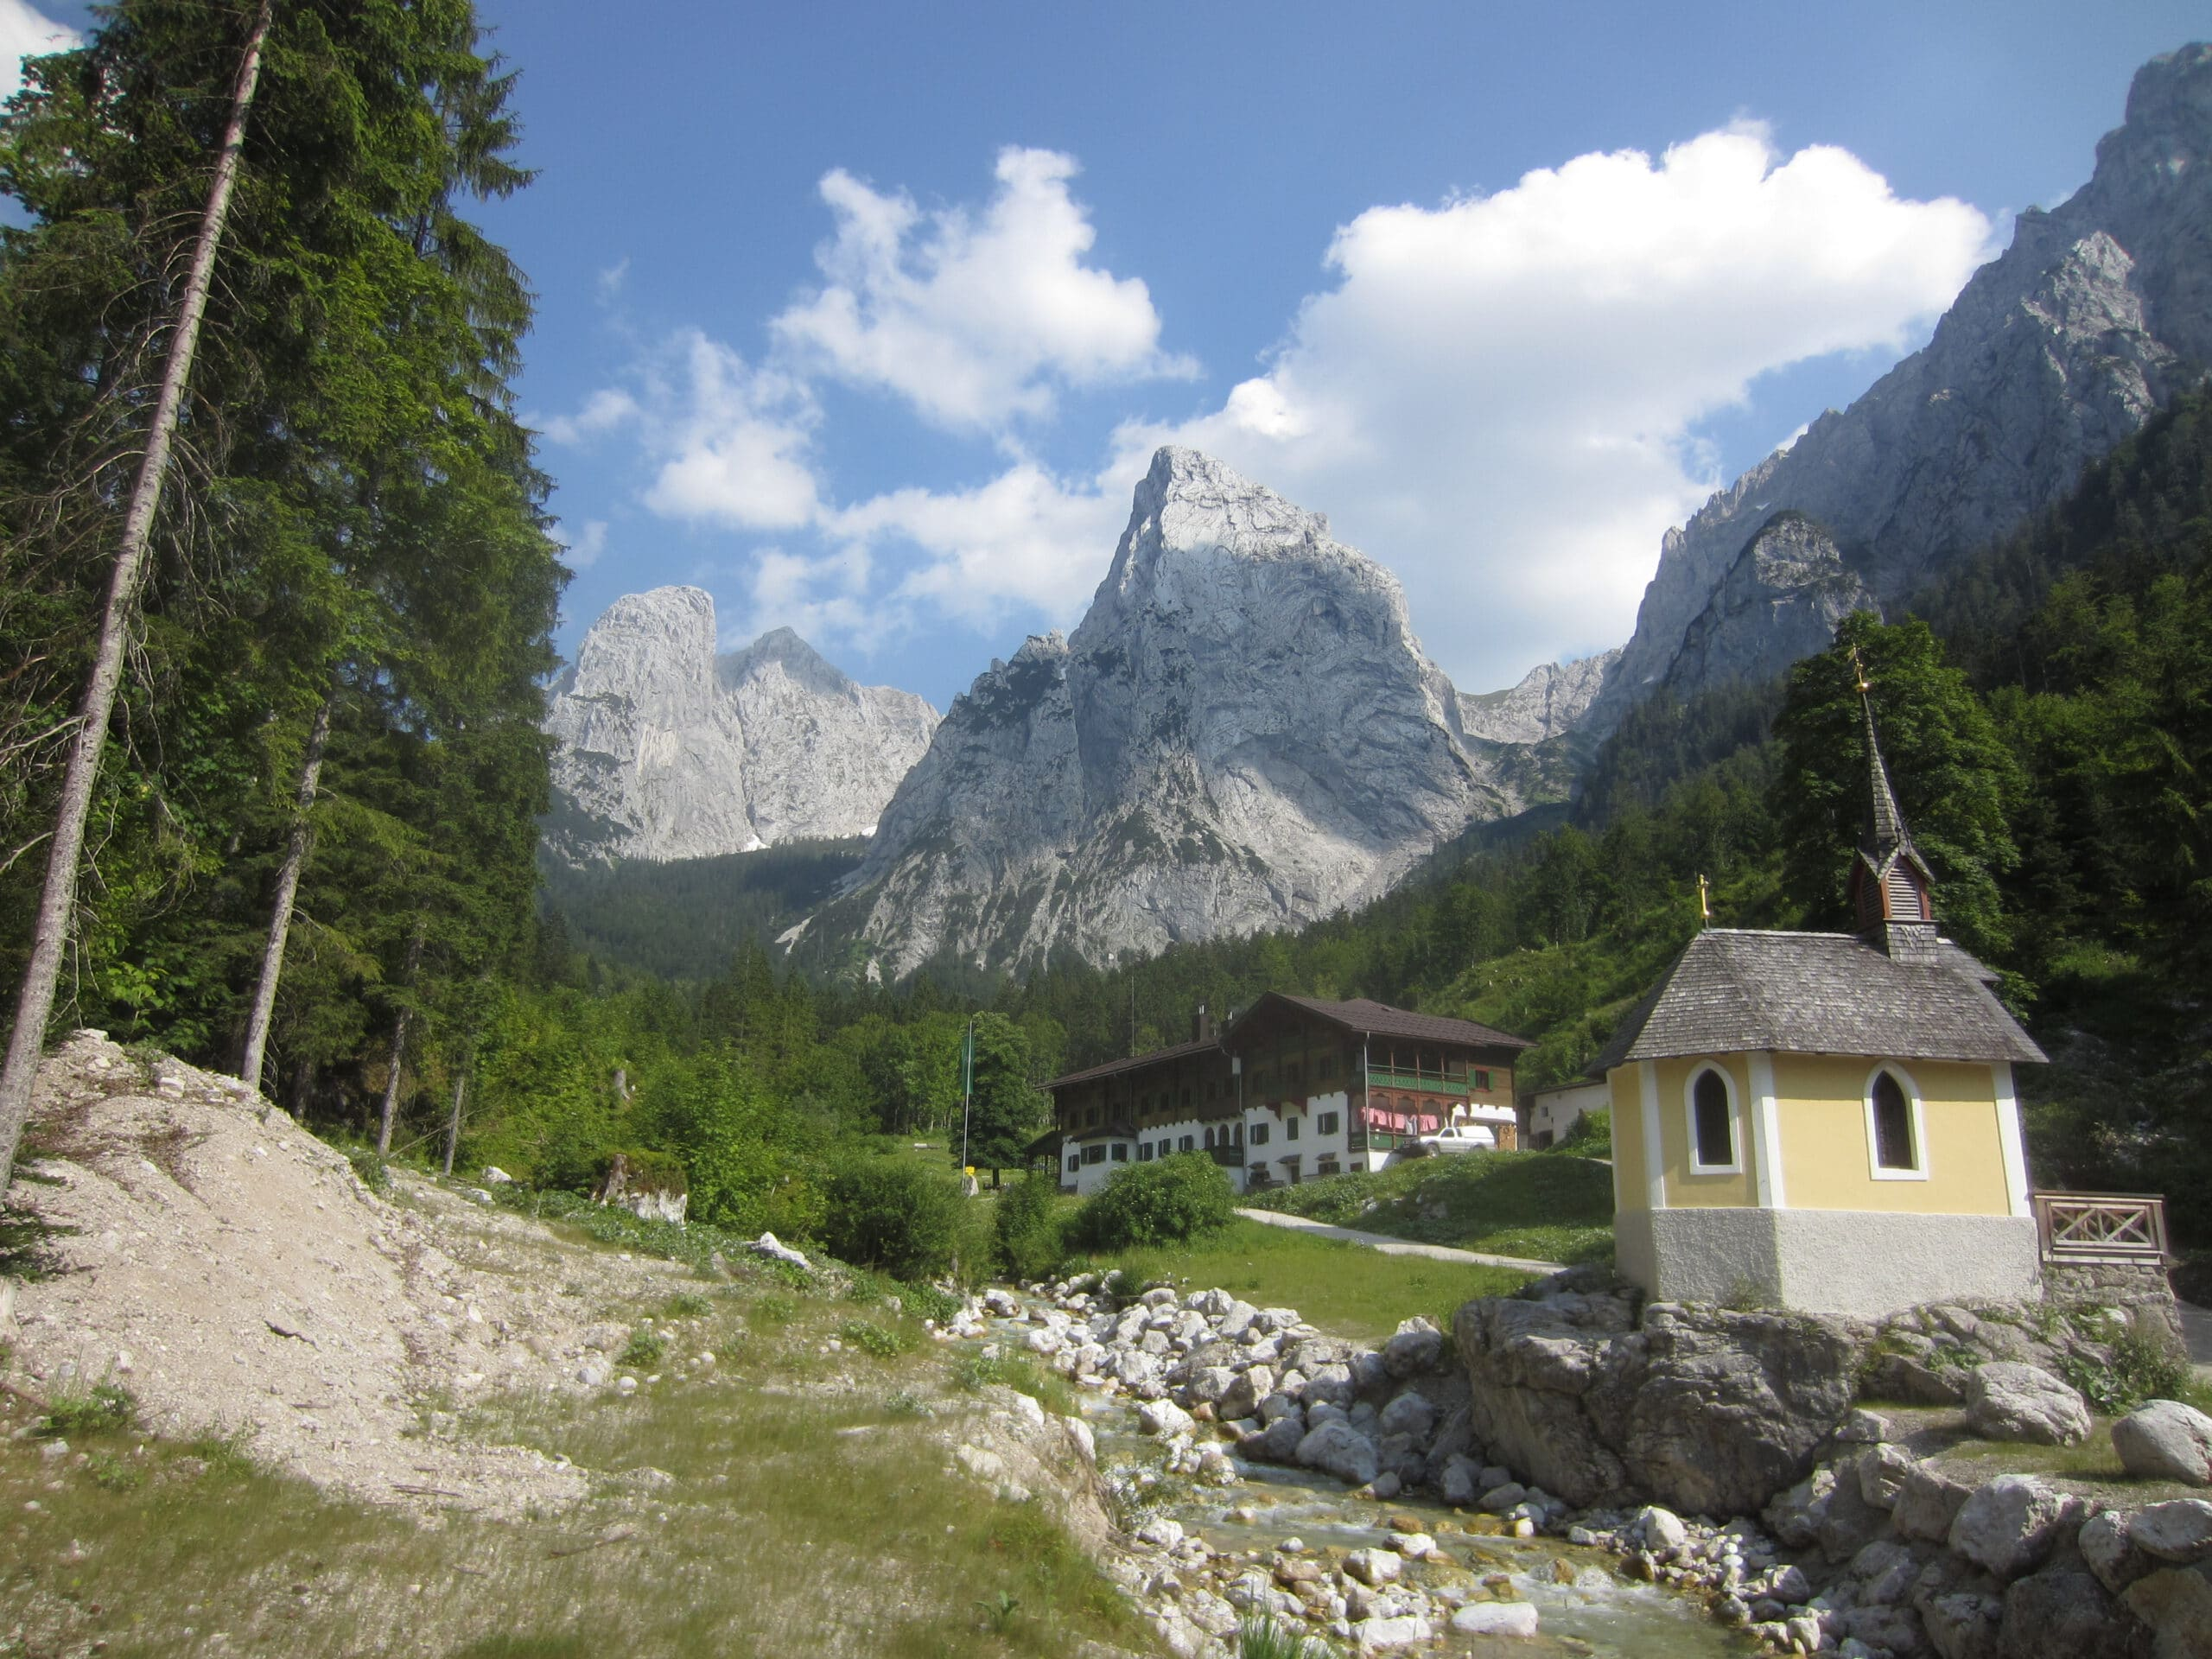 Das Kaisertal bietet tollste Blicke auf das Kaisergebirge!